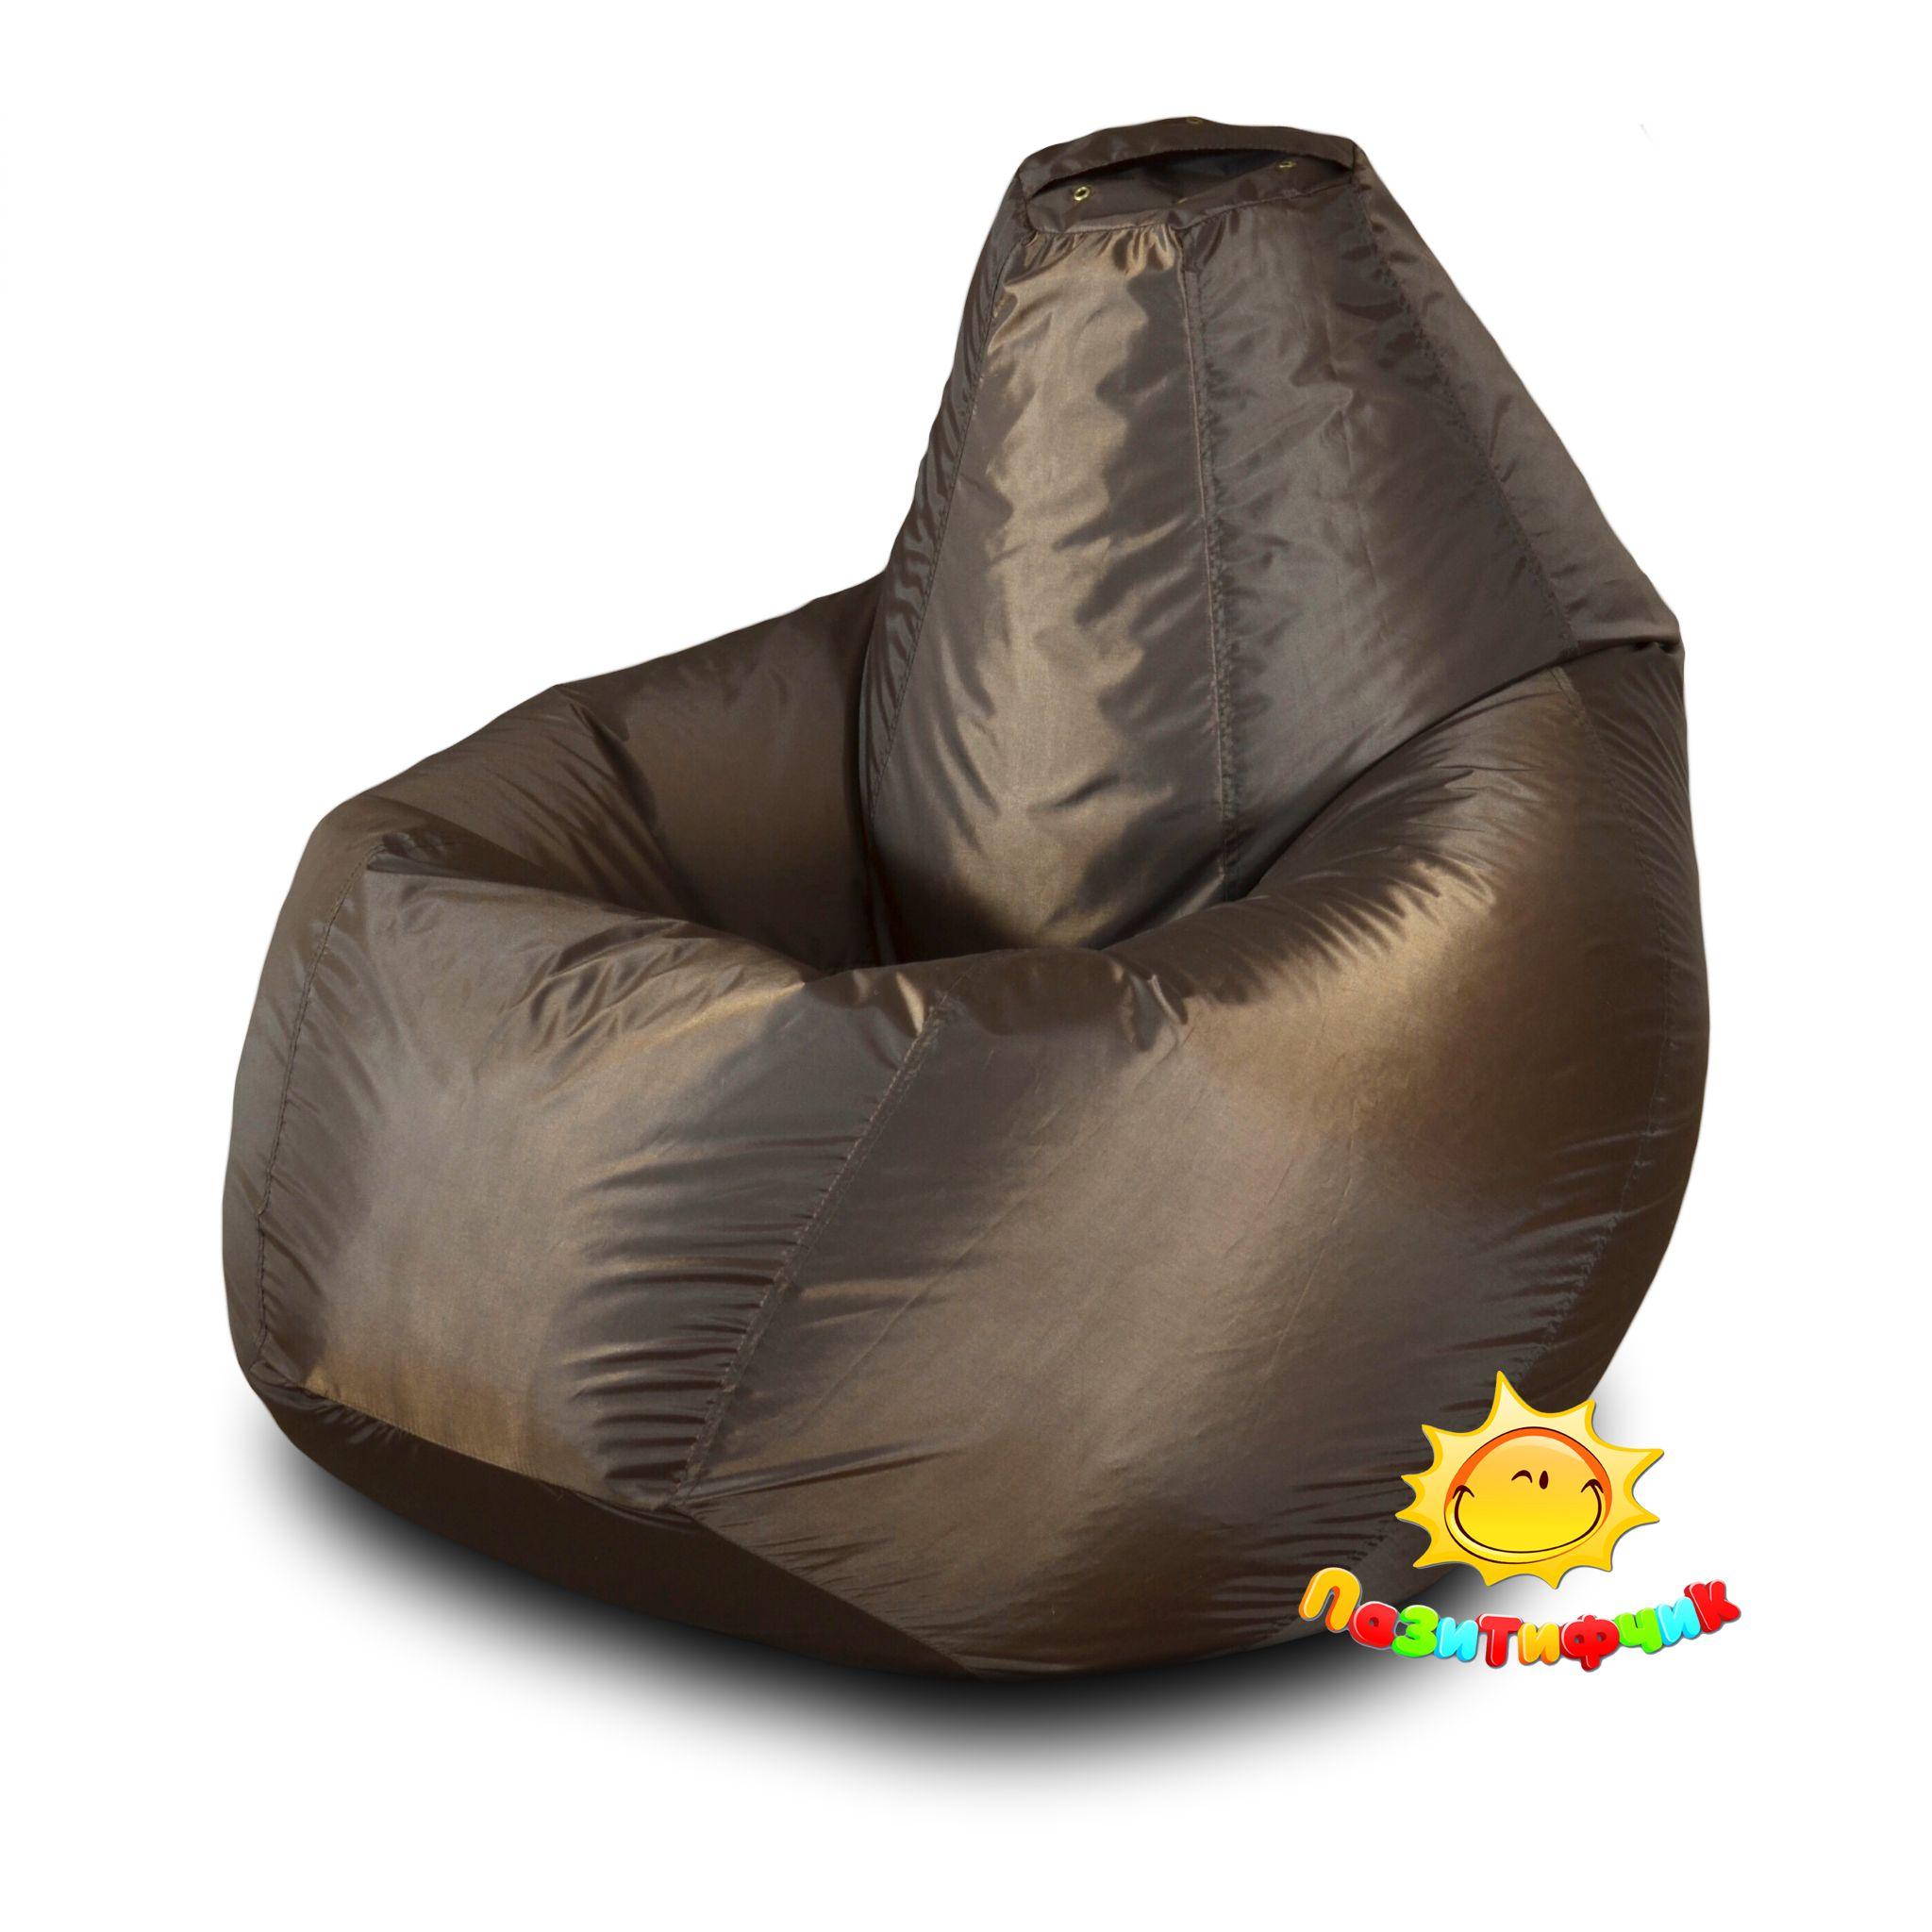 Кресло-мешок Pazitif Груша Пазитифчик Оксфорд, размер XXXL, оксфорд, шоколад